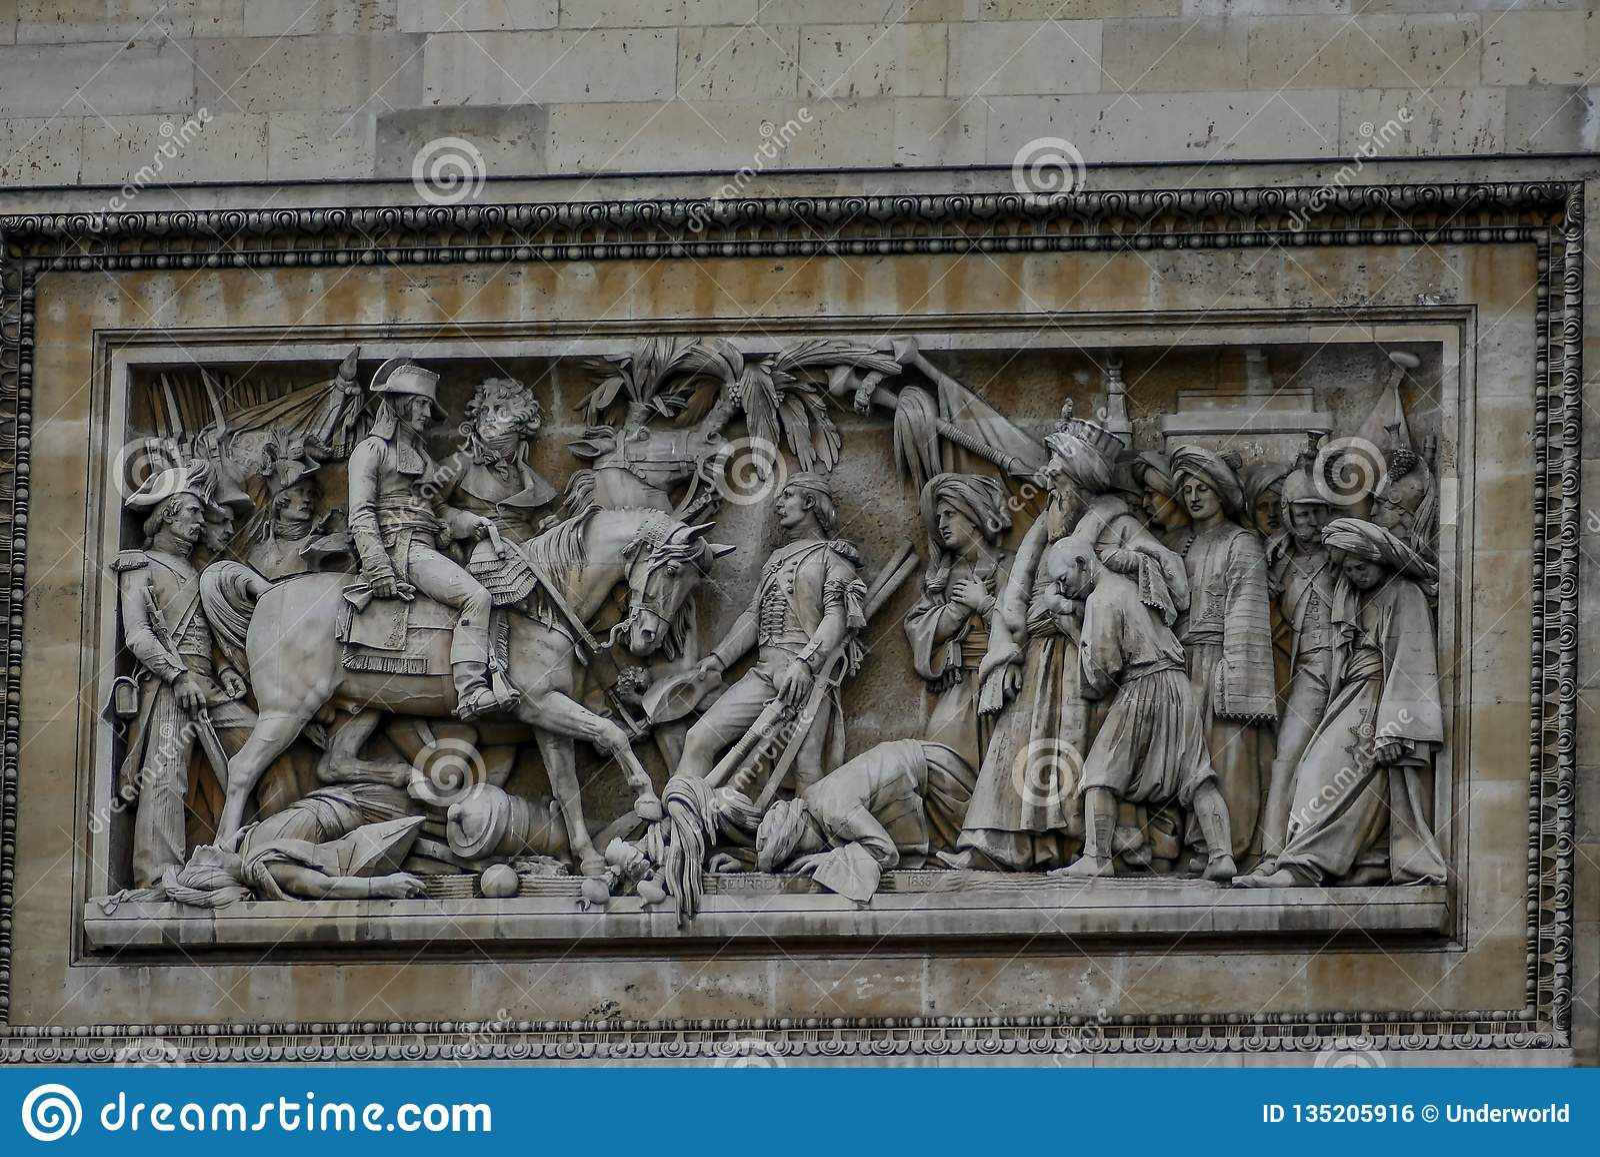 Триумфальная Арка, изображение фото красивый панорамный взгляд города столичного жителя Парижа